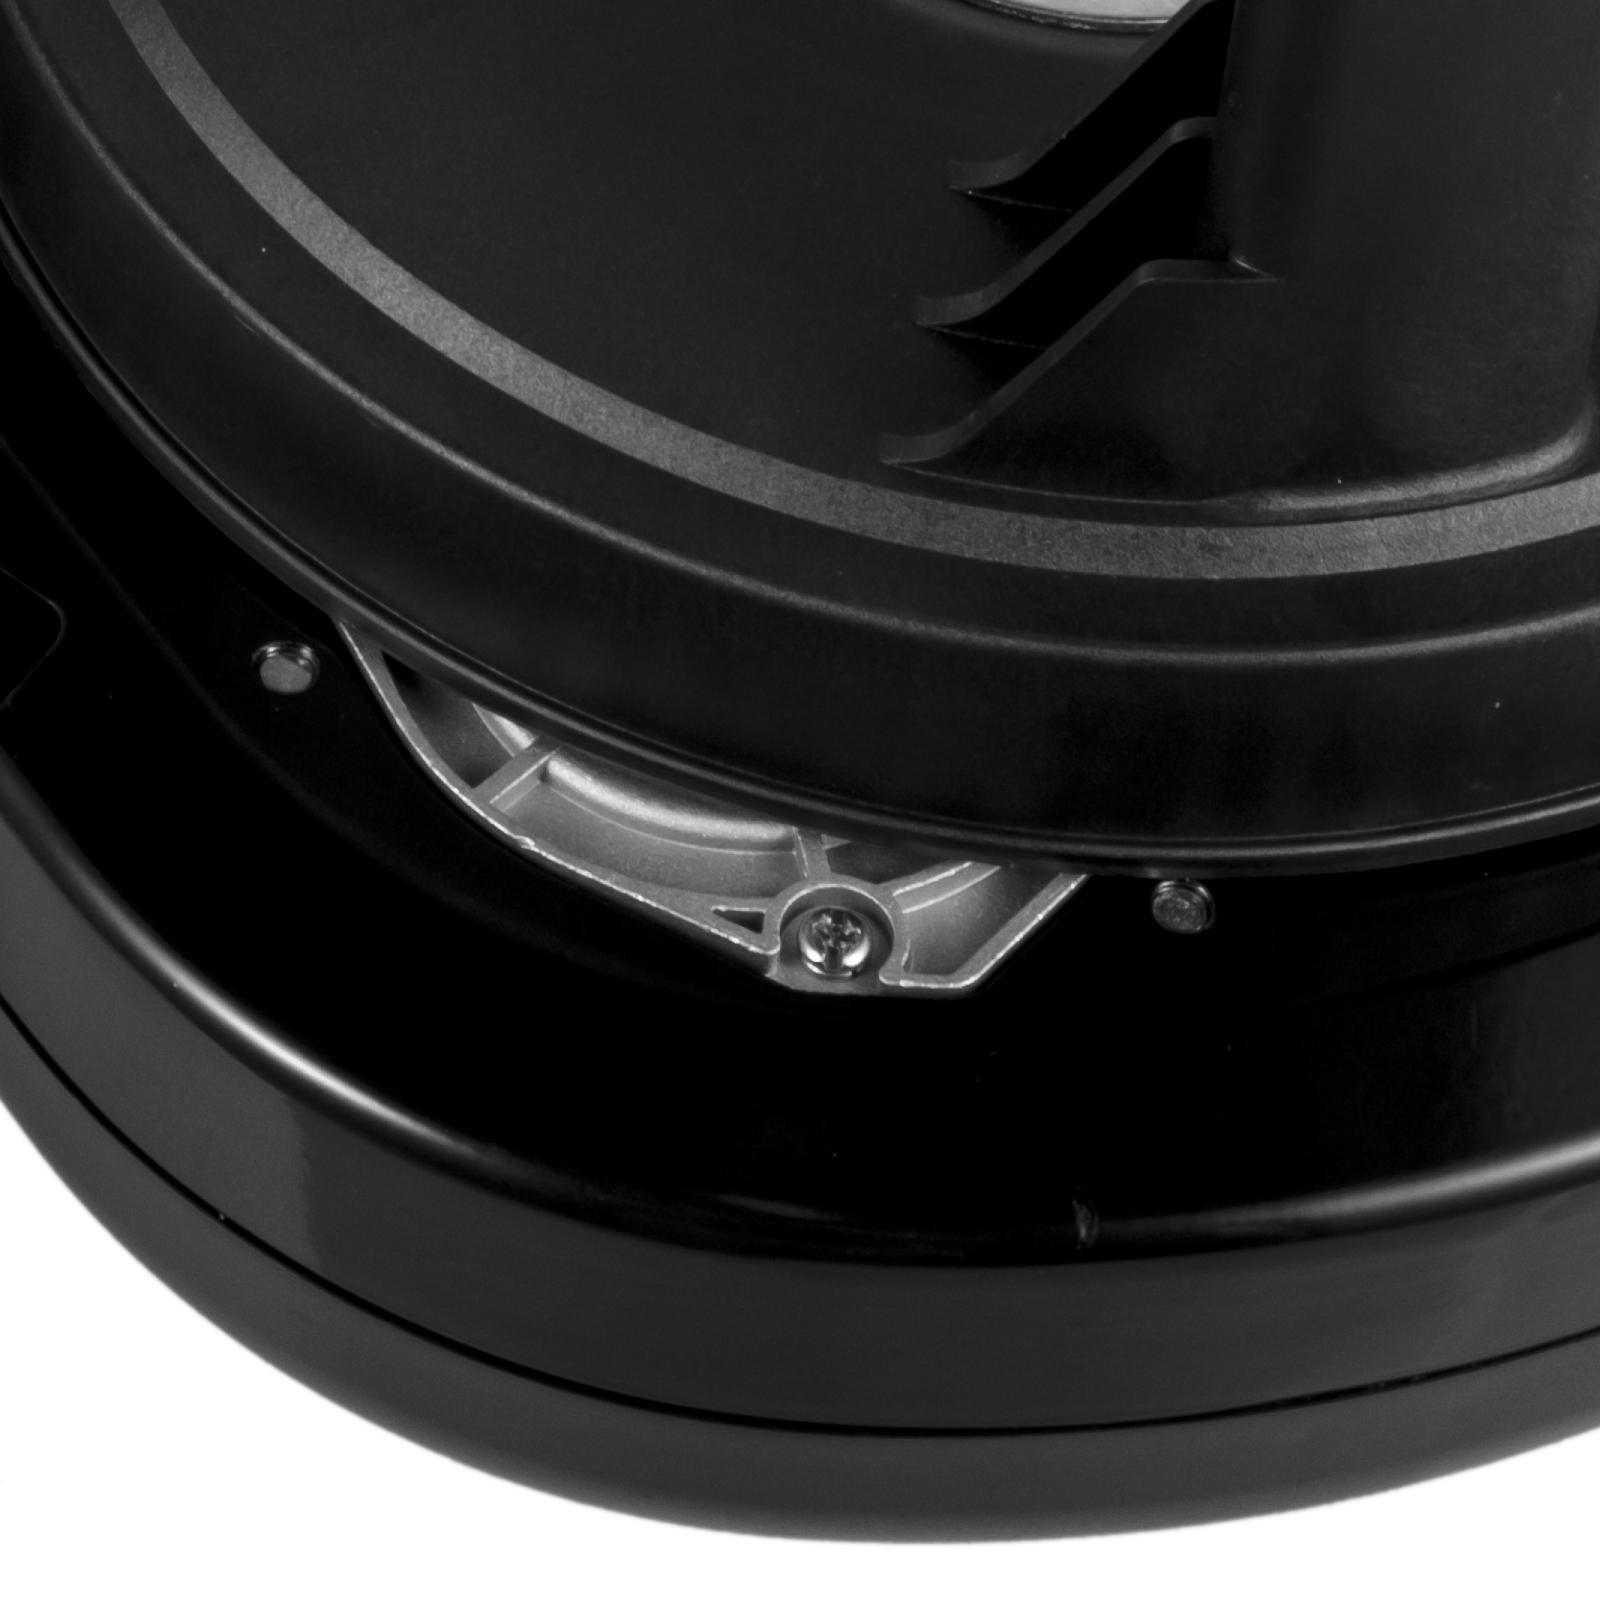 Garage Door Automatic Light: Automatic Garage Roller Remote Door Opener Stable Reliable